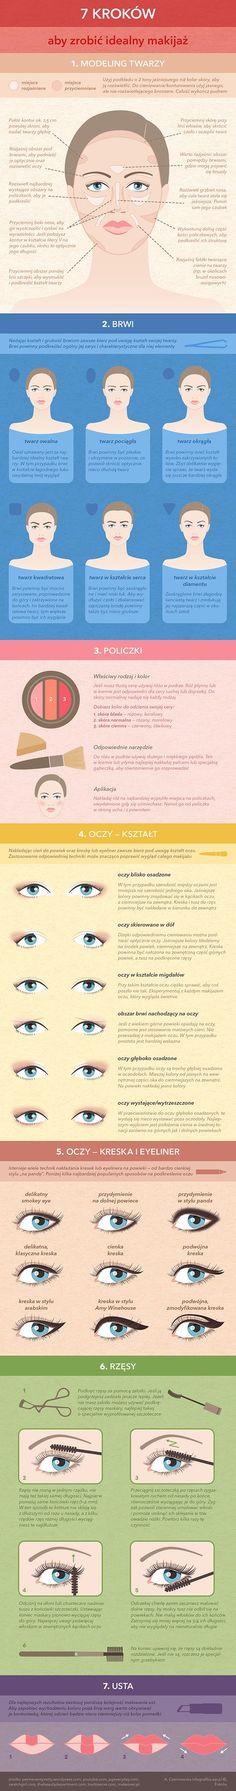 Makijaż to domena kobiet. Wykonują go bez względu na wiek, na kolor skóry, na pozycję społeczną czy na wyznanie. Każdego dnia miliardy kobiet na całym świecie o poranku wykonują ten sam rytuał – malują się.